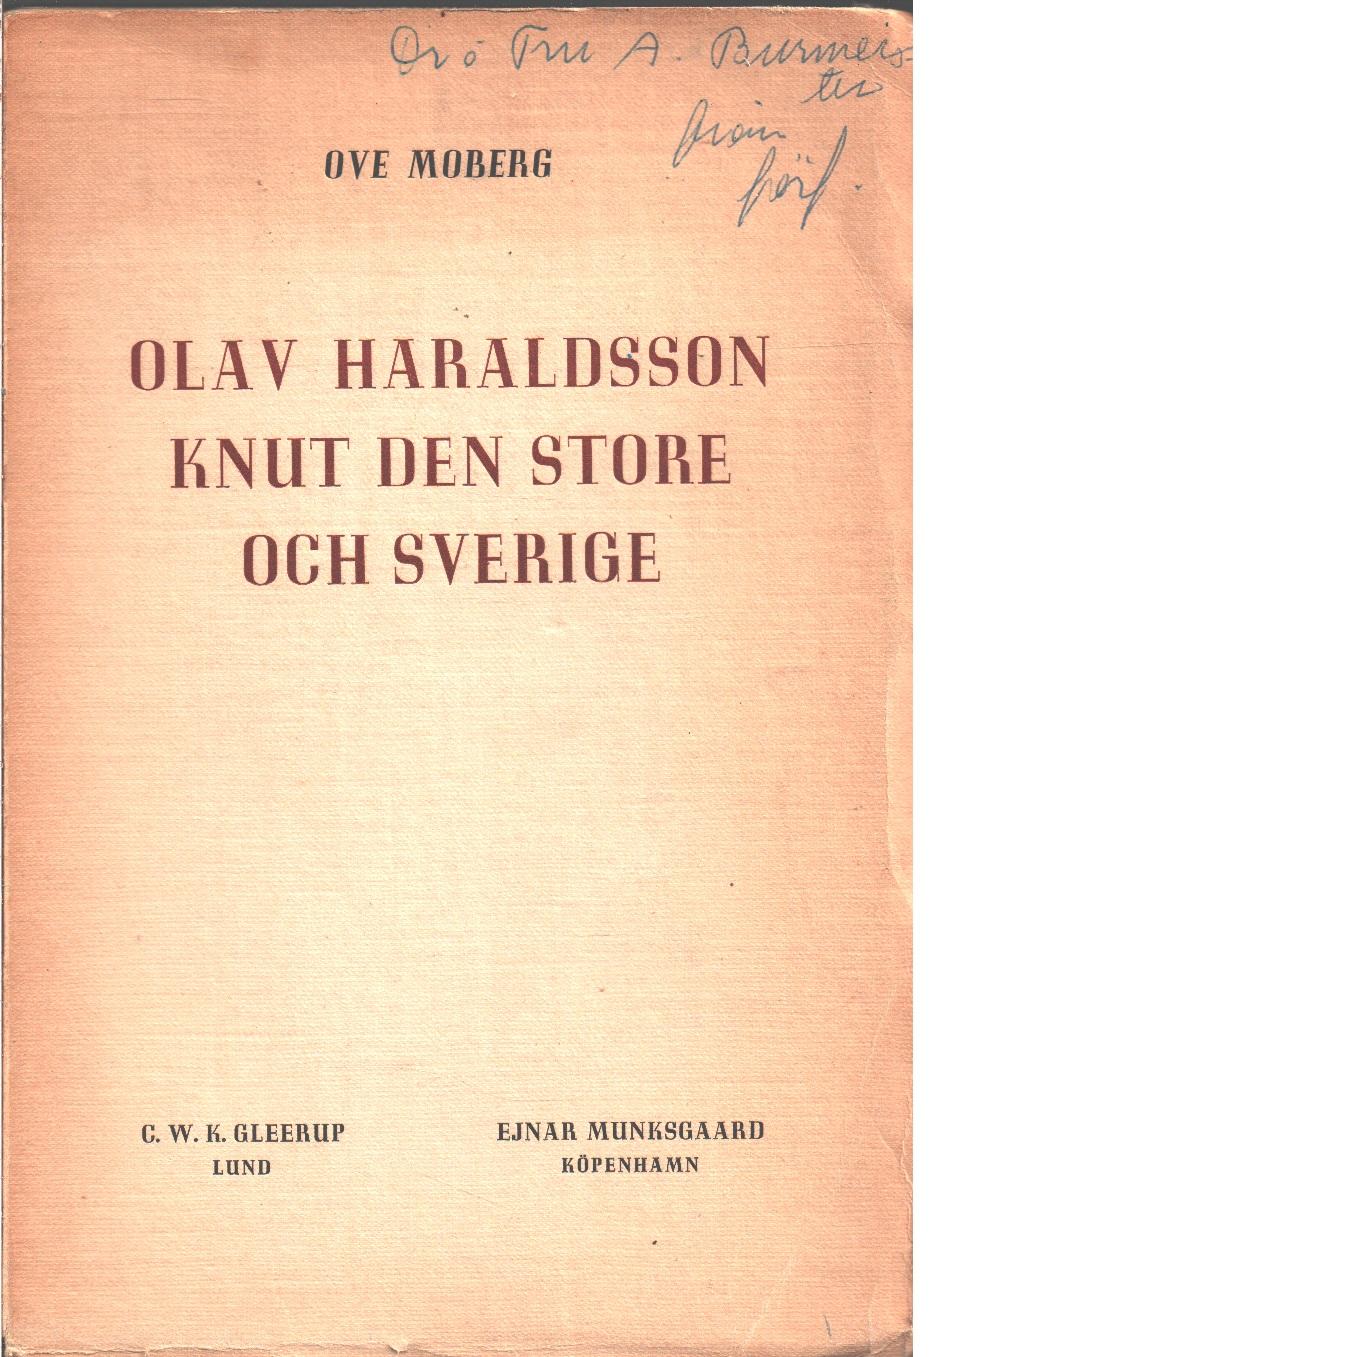 Olav Haraldsson, Knut den store och Sverige : studier i Olav den heliges förhållande till de nordiska grannländerna  - Moberg, Ove